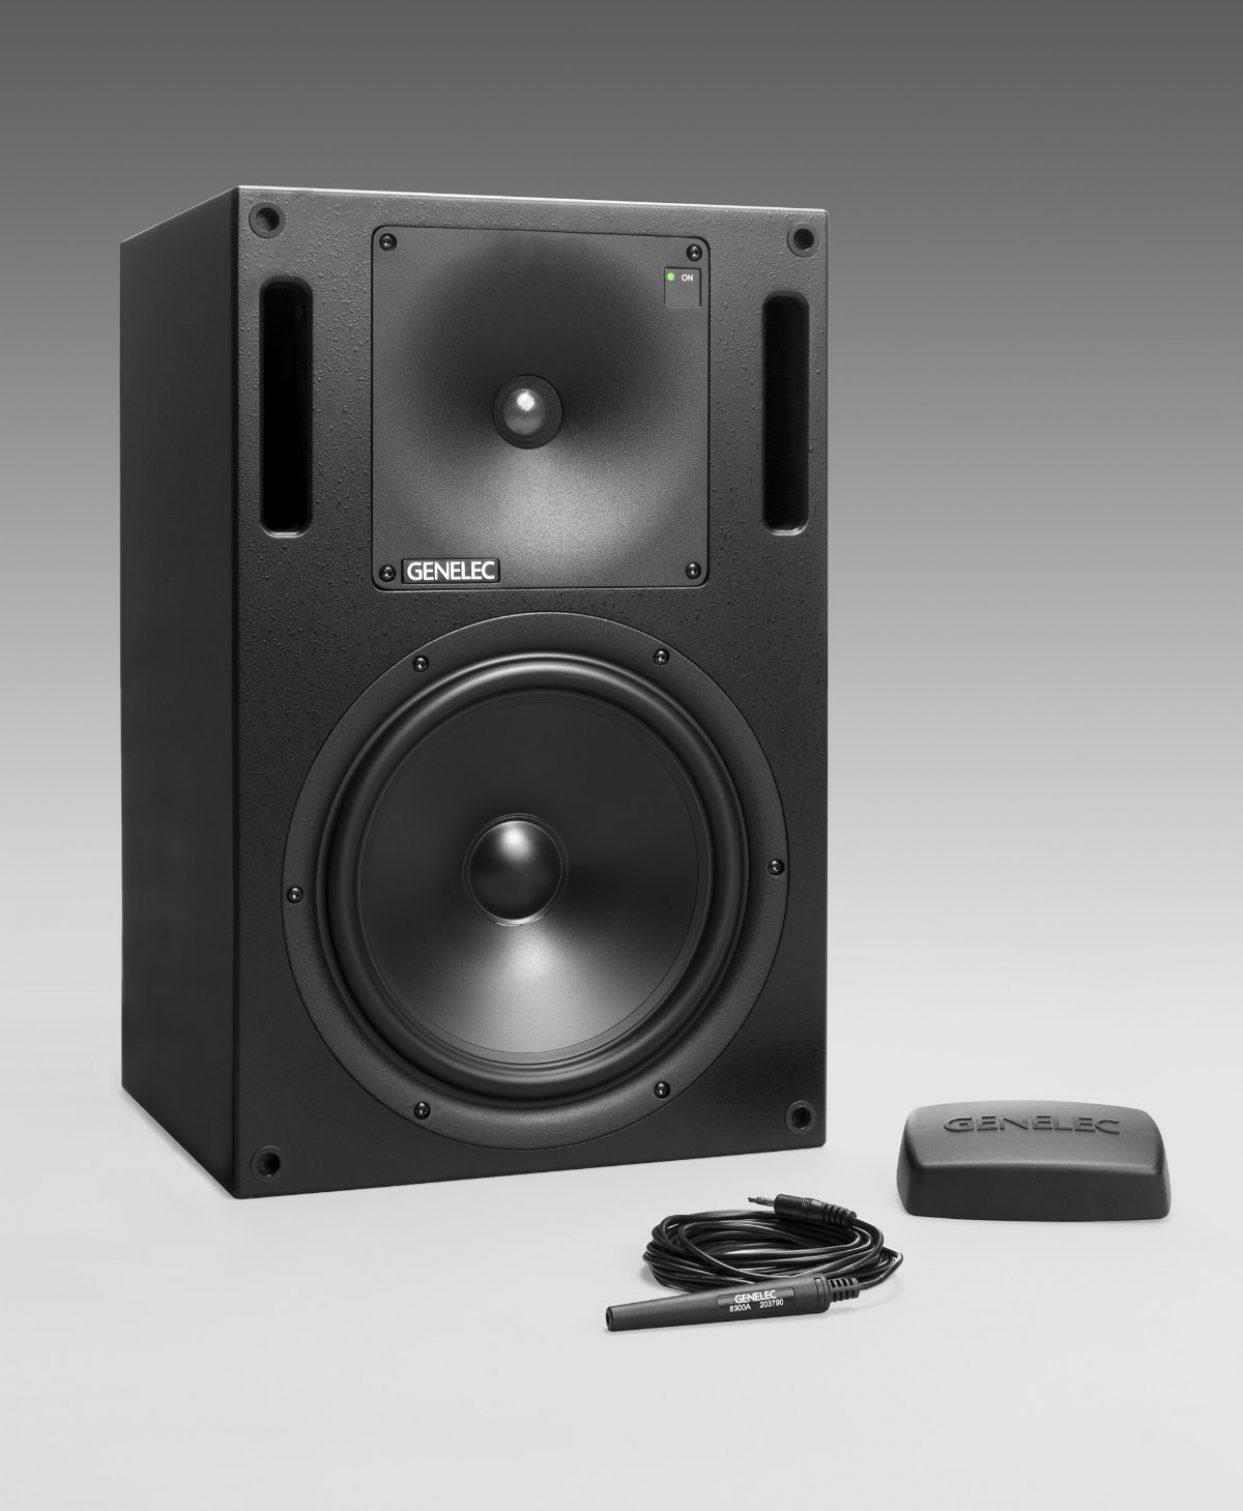 New Genelec 1032C Studio Monitor